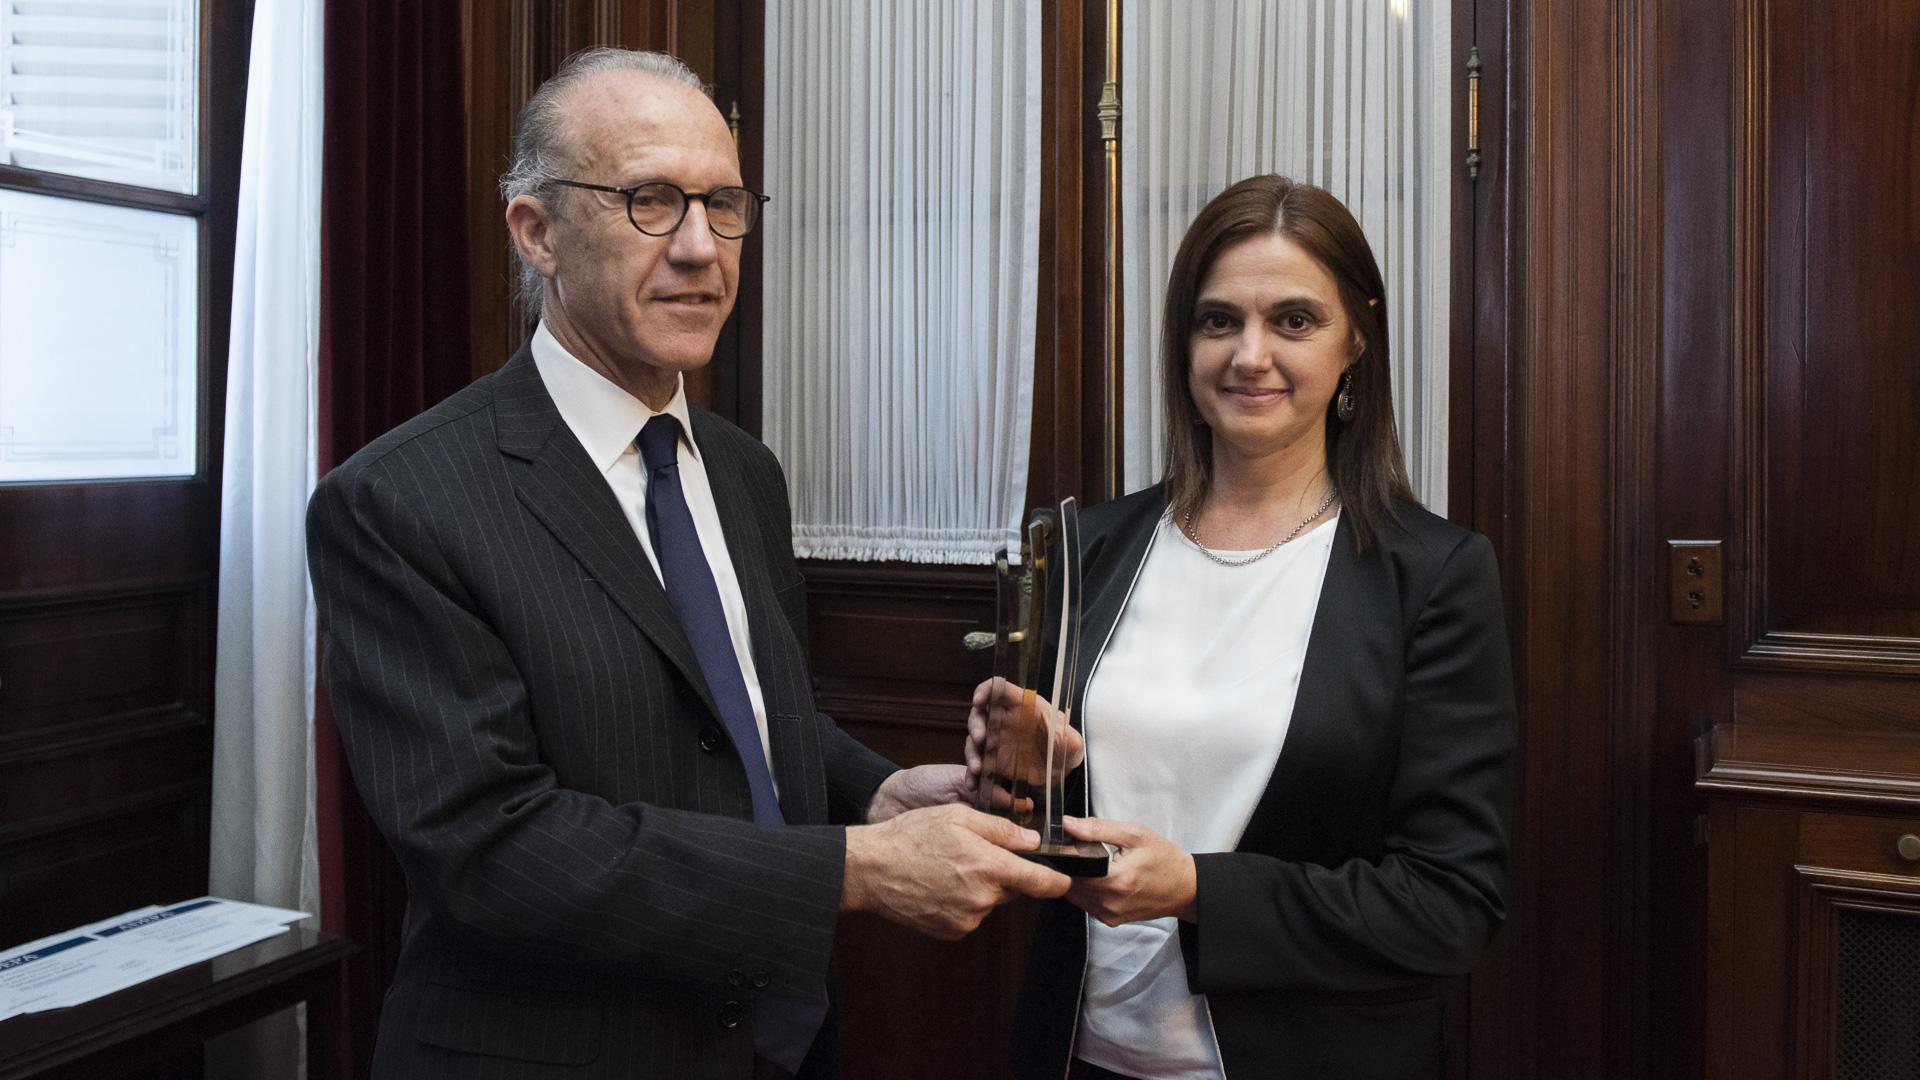 Silvia Stang recibió el premio de manos del presidente del tribunal